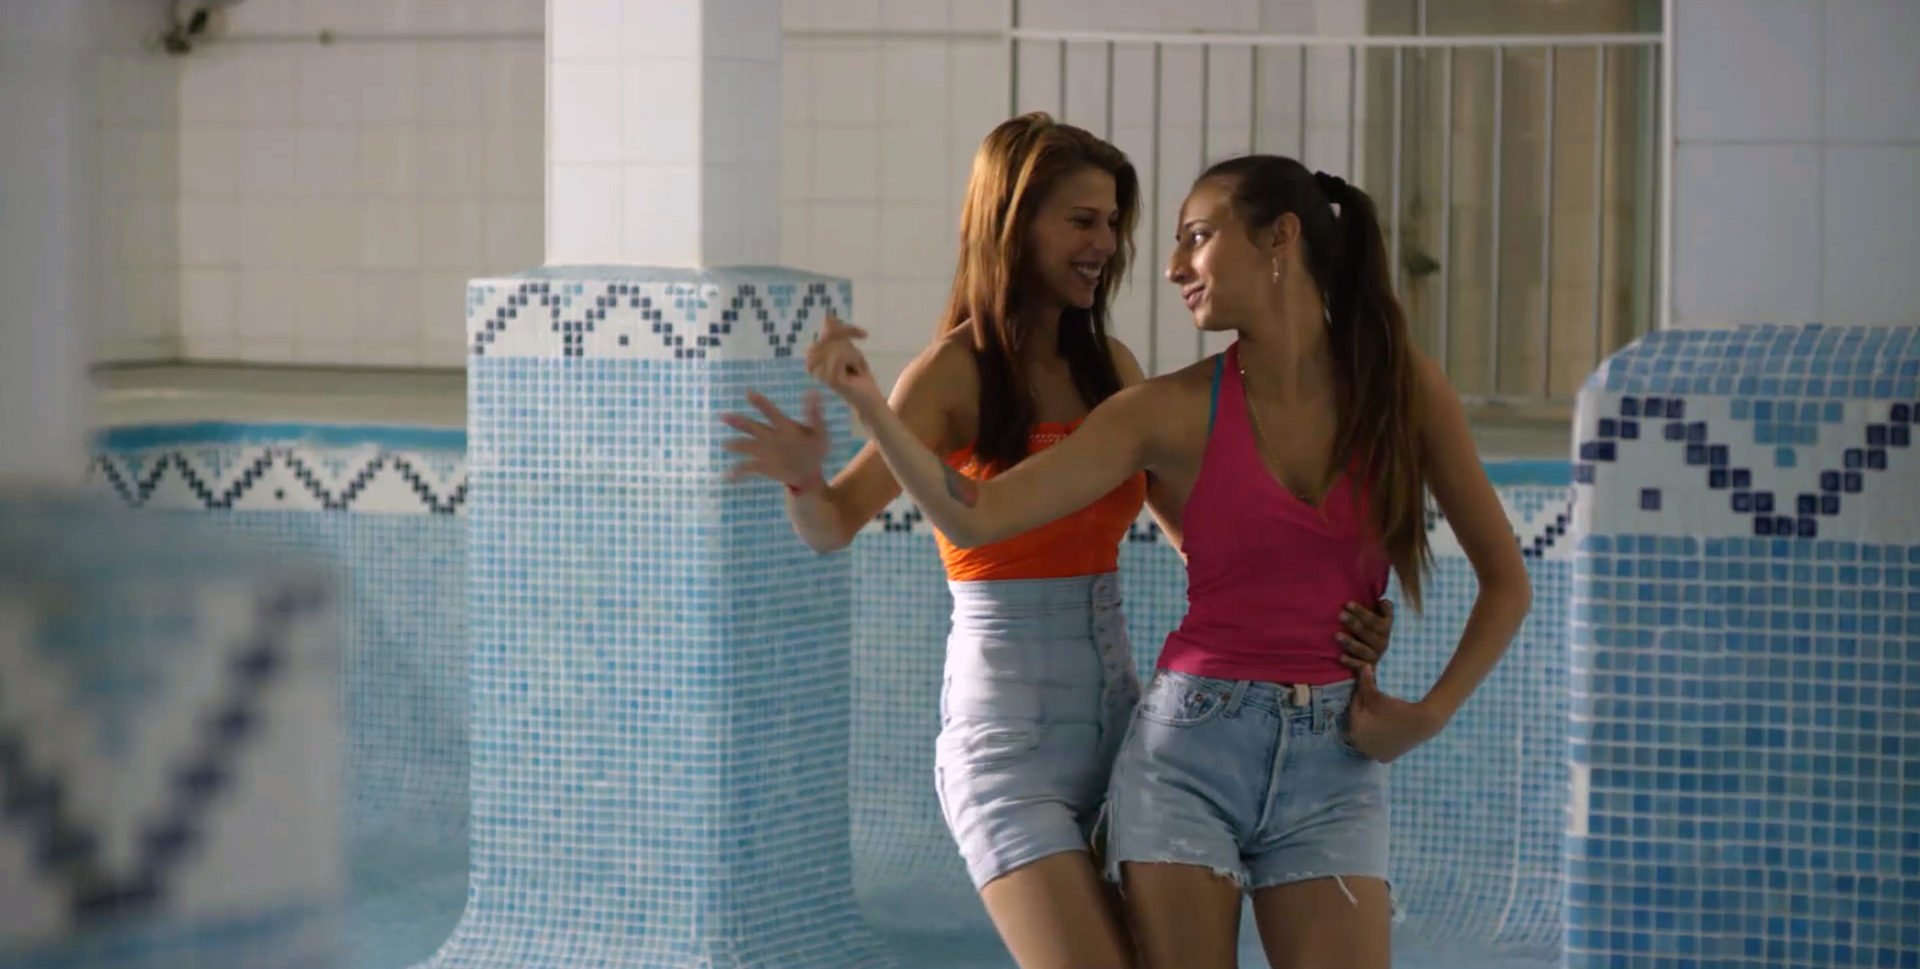 Carmen y Lola – Wat een pure, rauwe liefdesfilm